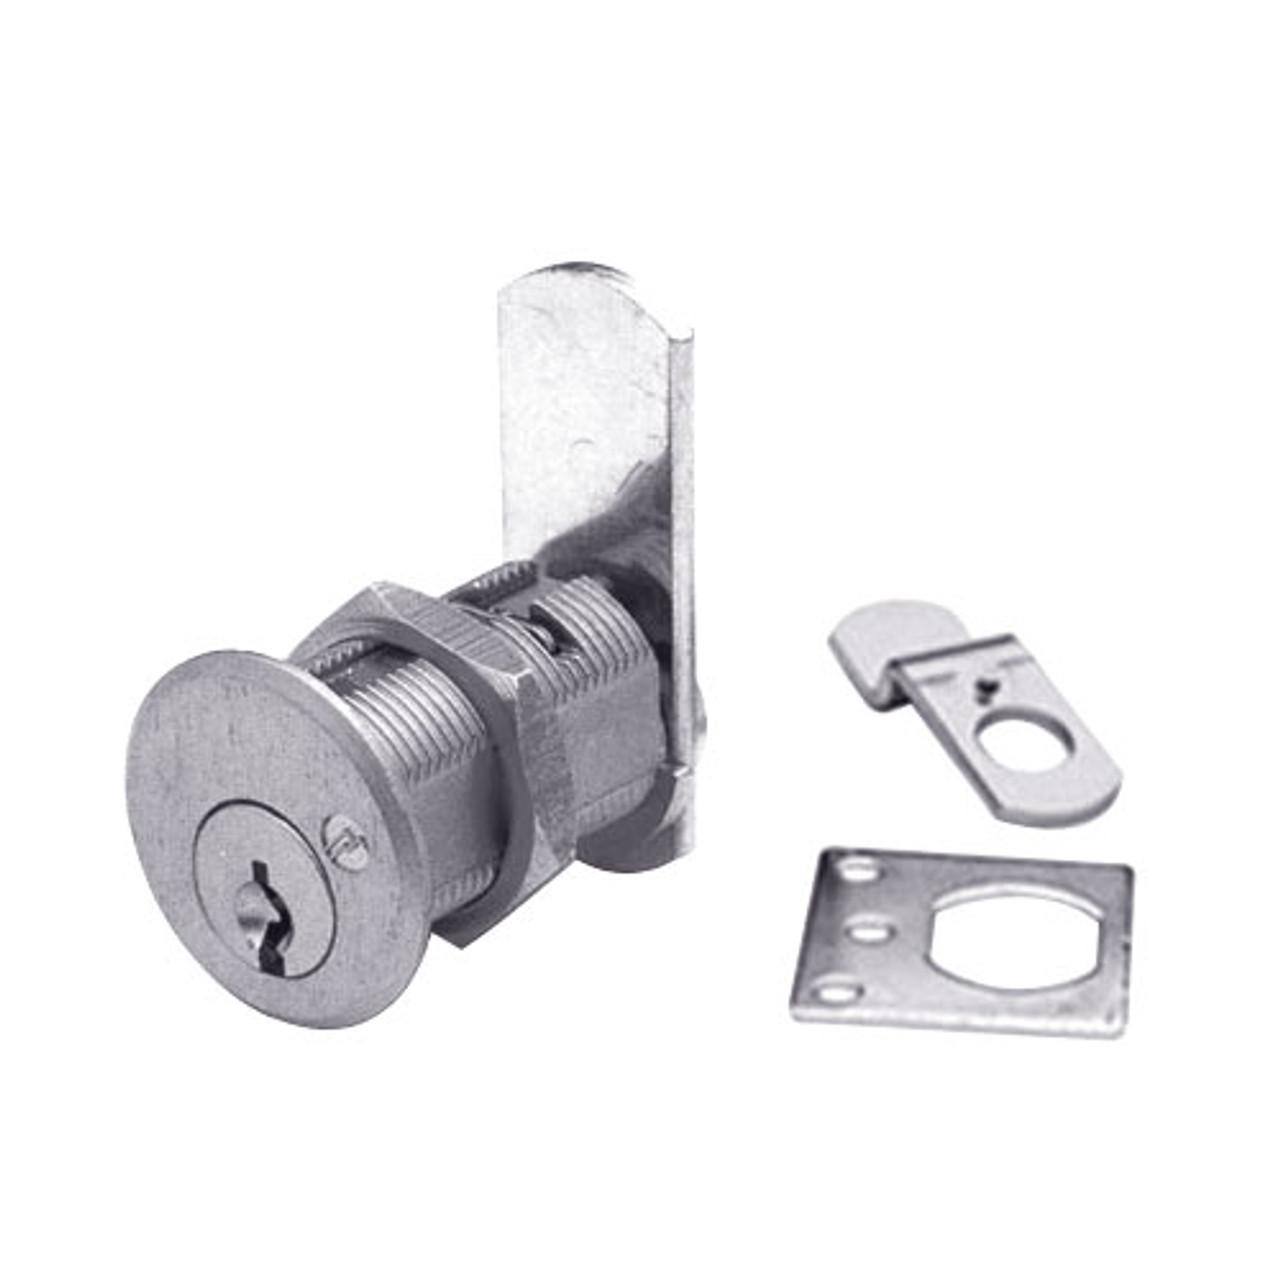 Olympus DCR2-KA4T2-26D Cam Locks in Satin Chrome Finish